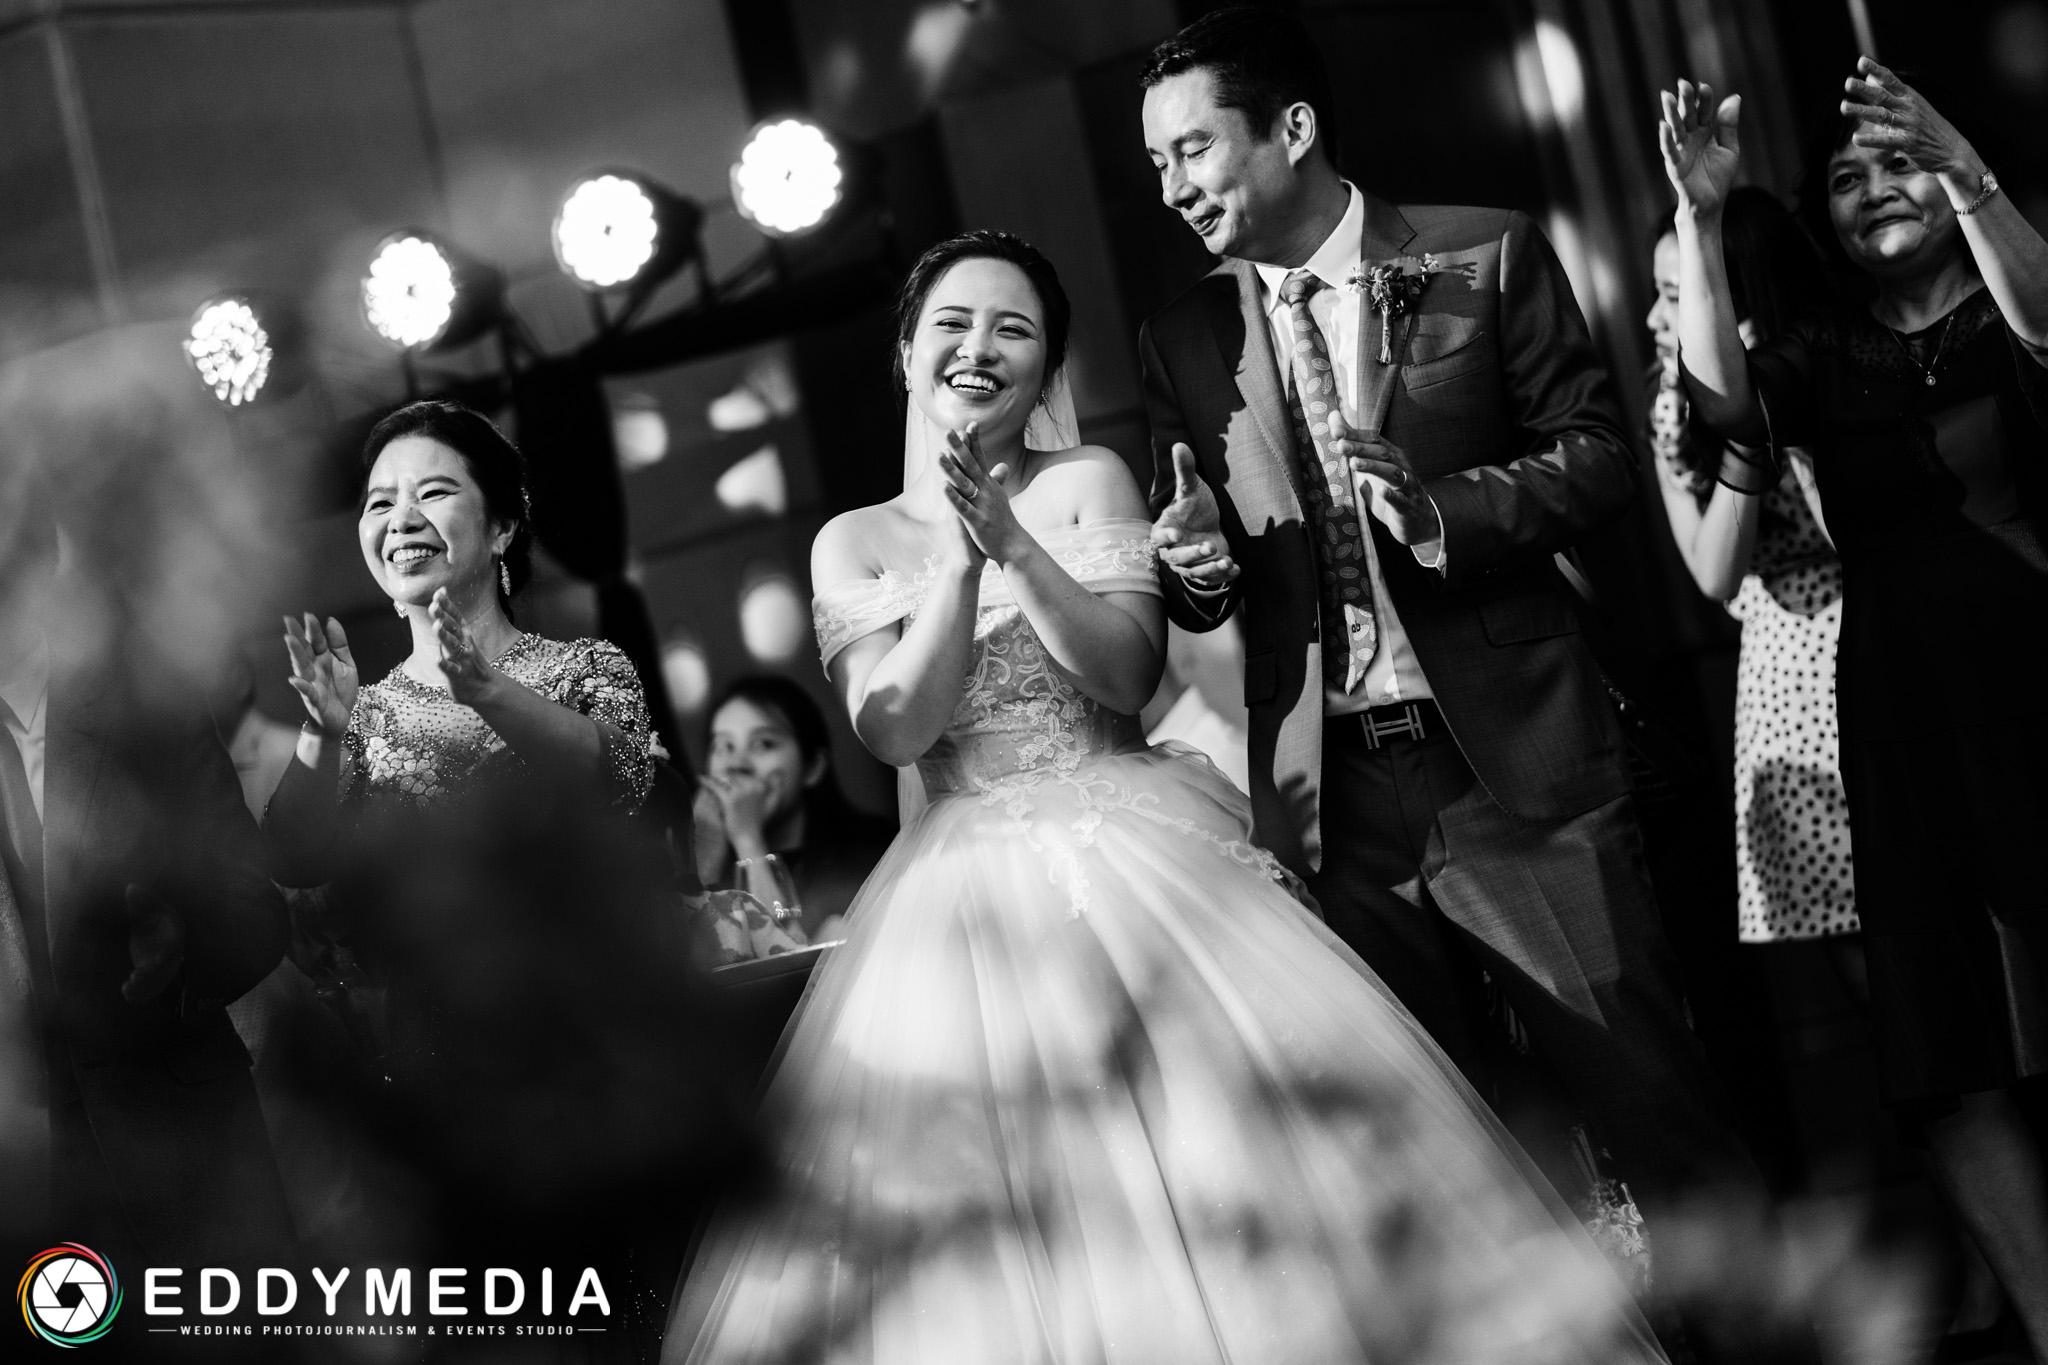 Phongsucuoi Melia Yenson Thule EddyMedia 108 giá chụp ảnh đám cưới,giá chụp ảnh tiệc cưới,thuê chụp ảnh ngày cưới